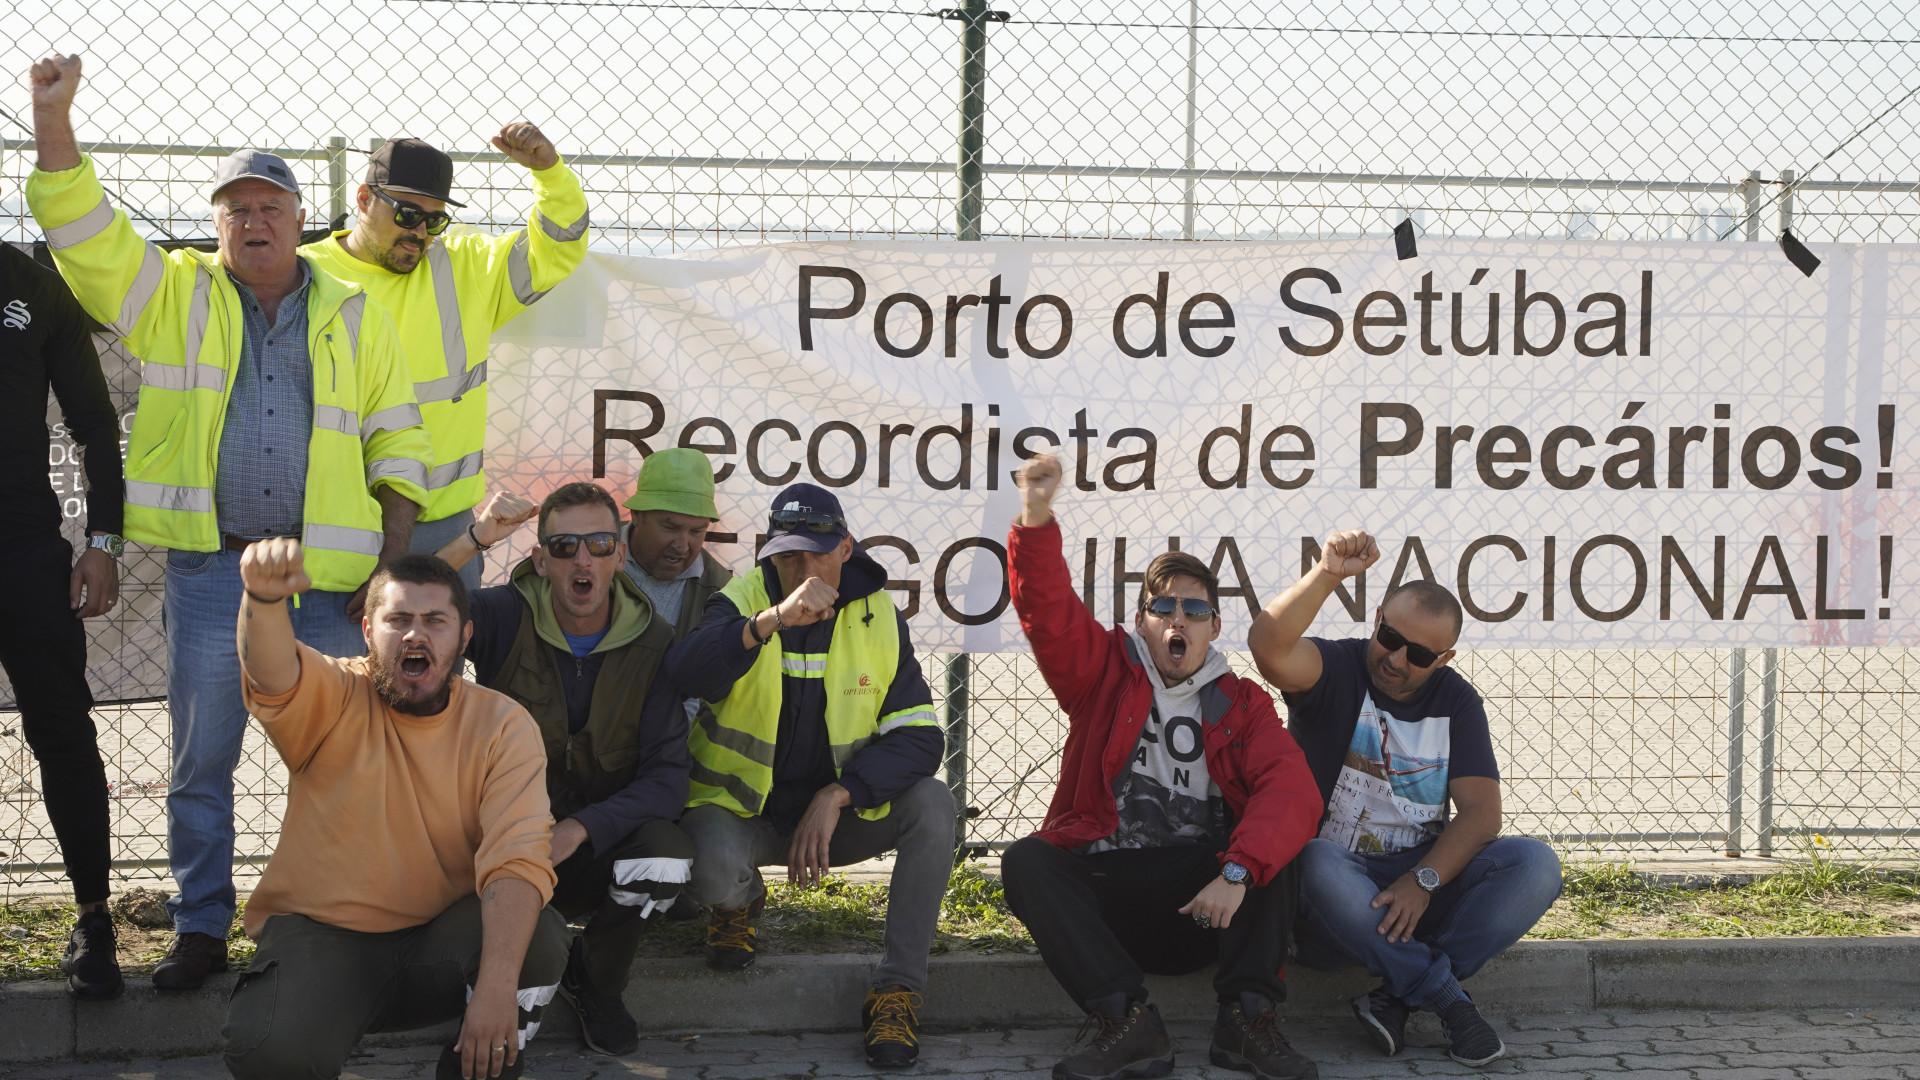 Porto de Setúbal está parado porque 90% dos trabalhadores são precários